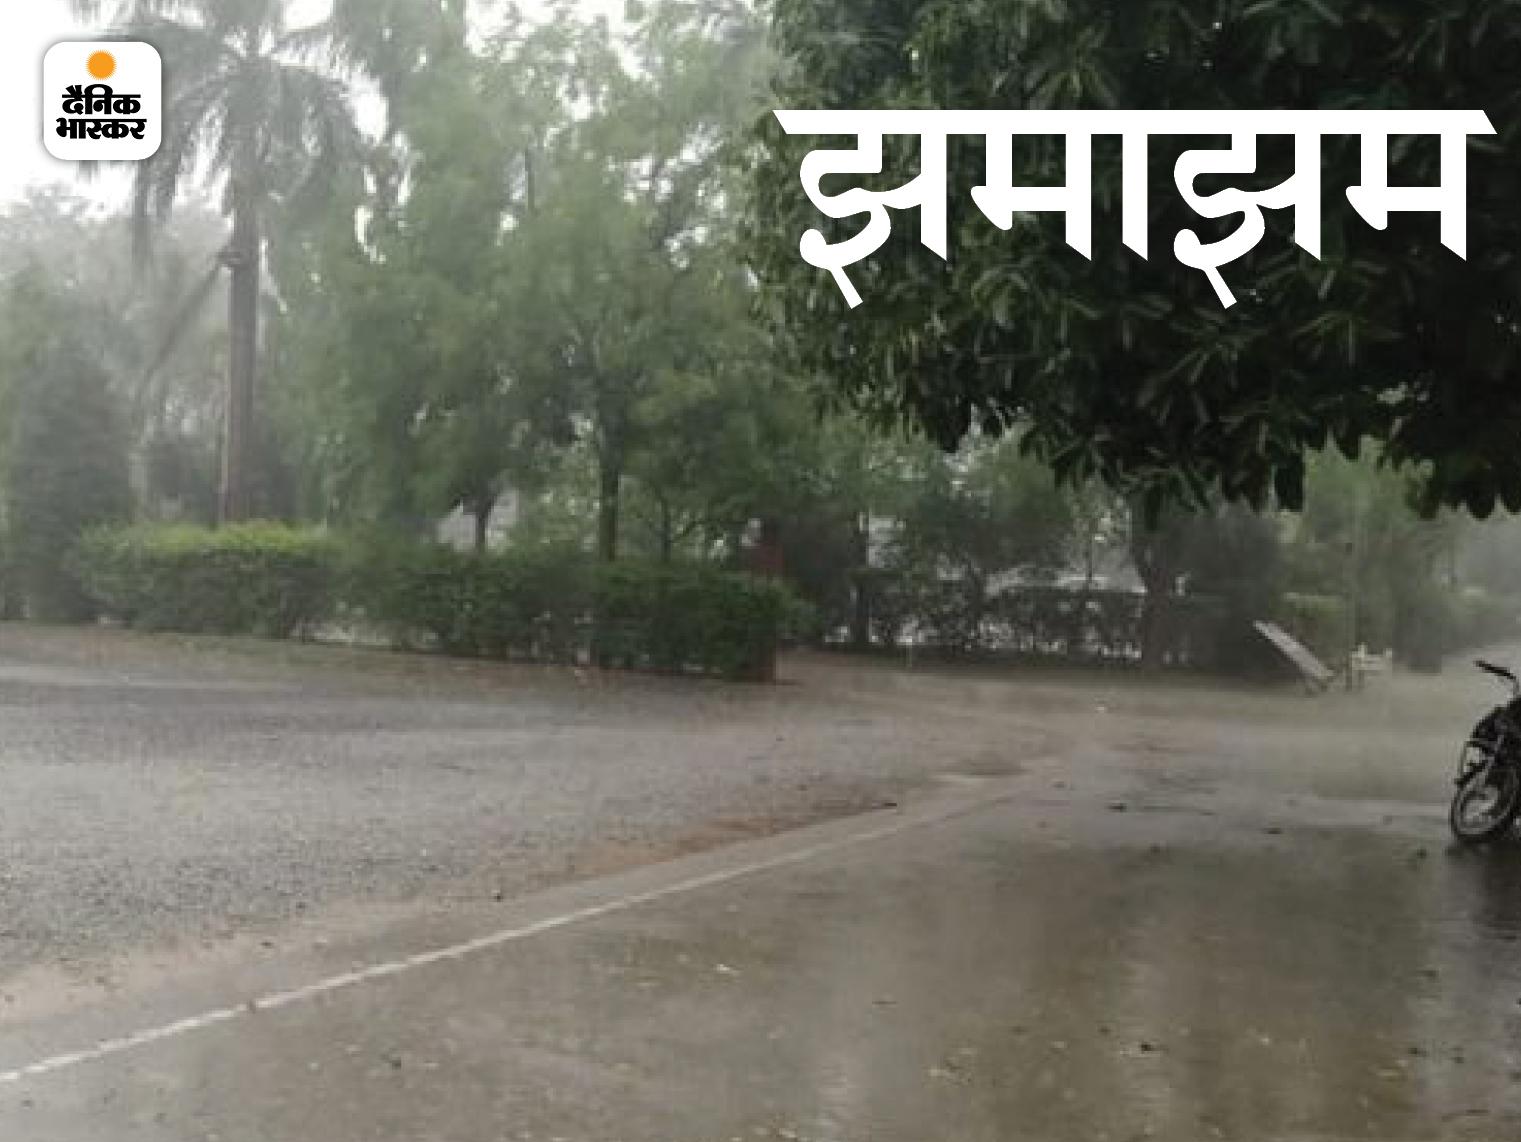 उदयपुर, बांसवाड़ा, चित्तौड़गढ़, सिरोही में आंधी-बारिश; 50 KM गति से चली तेज हवा, चित्तौड़ में दीवार गिरने से महिला घायल; जोधपुर, बीकानेर, जयपुर और अजमेर संभाग में उमस ने किया बेचैन|राजस्थान,Rajasthan - Dainik Bhaskar